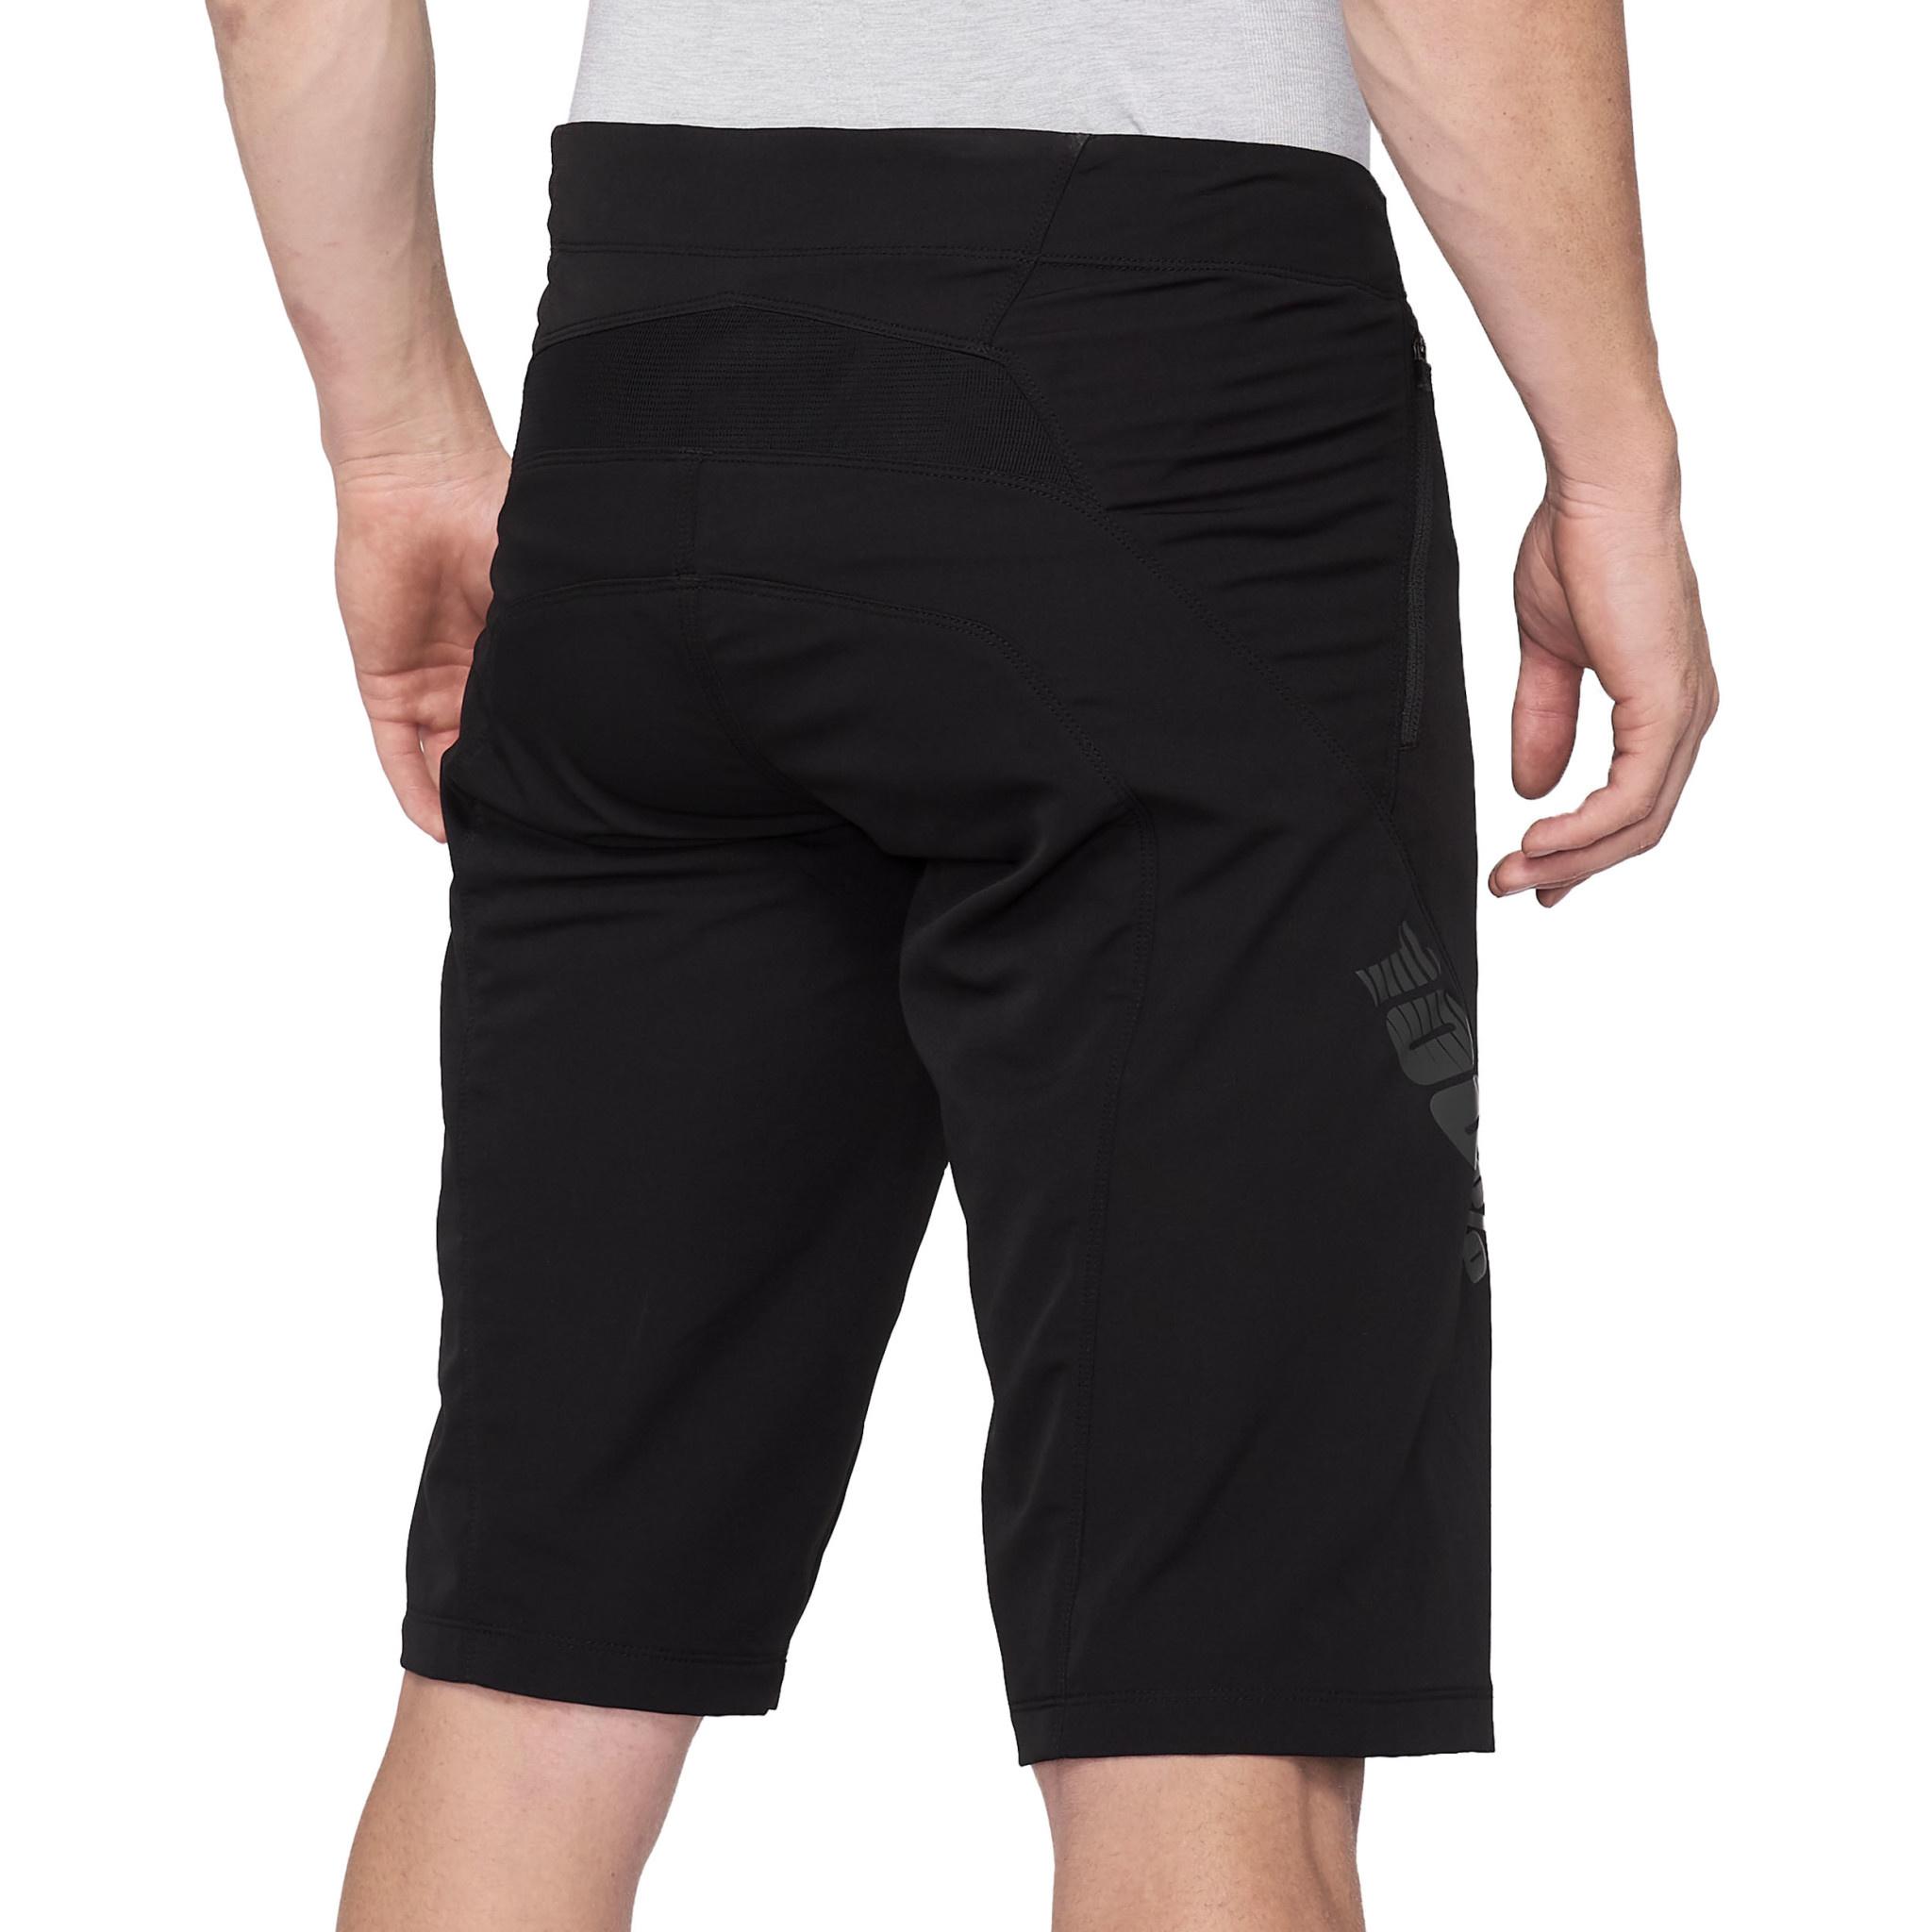 Airmatic Shorts-12